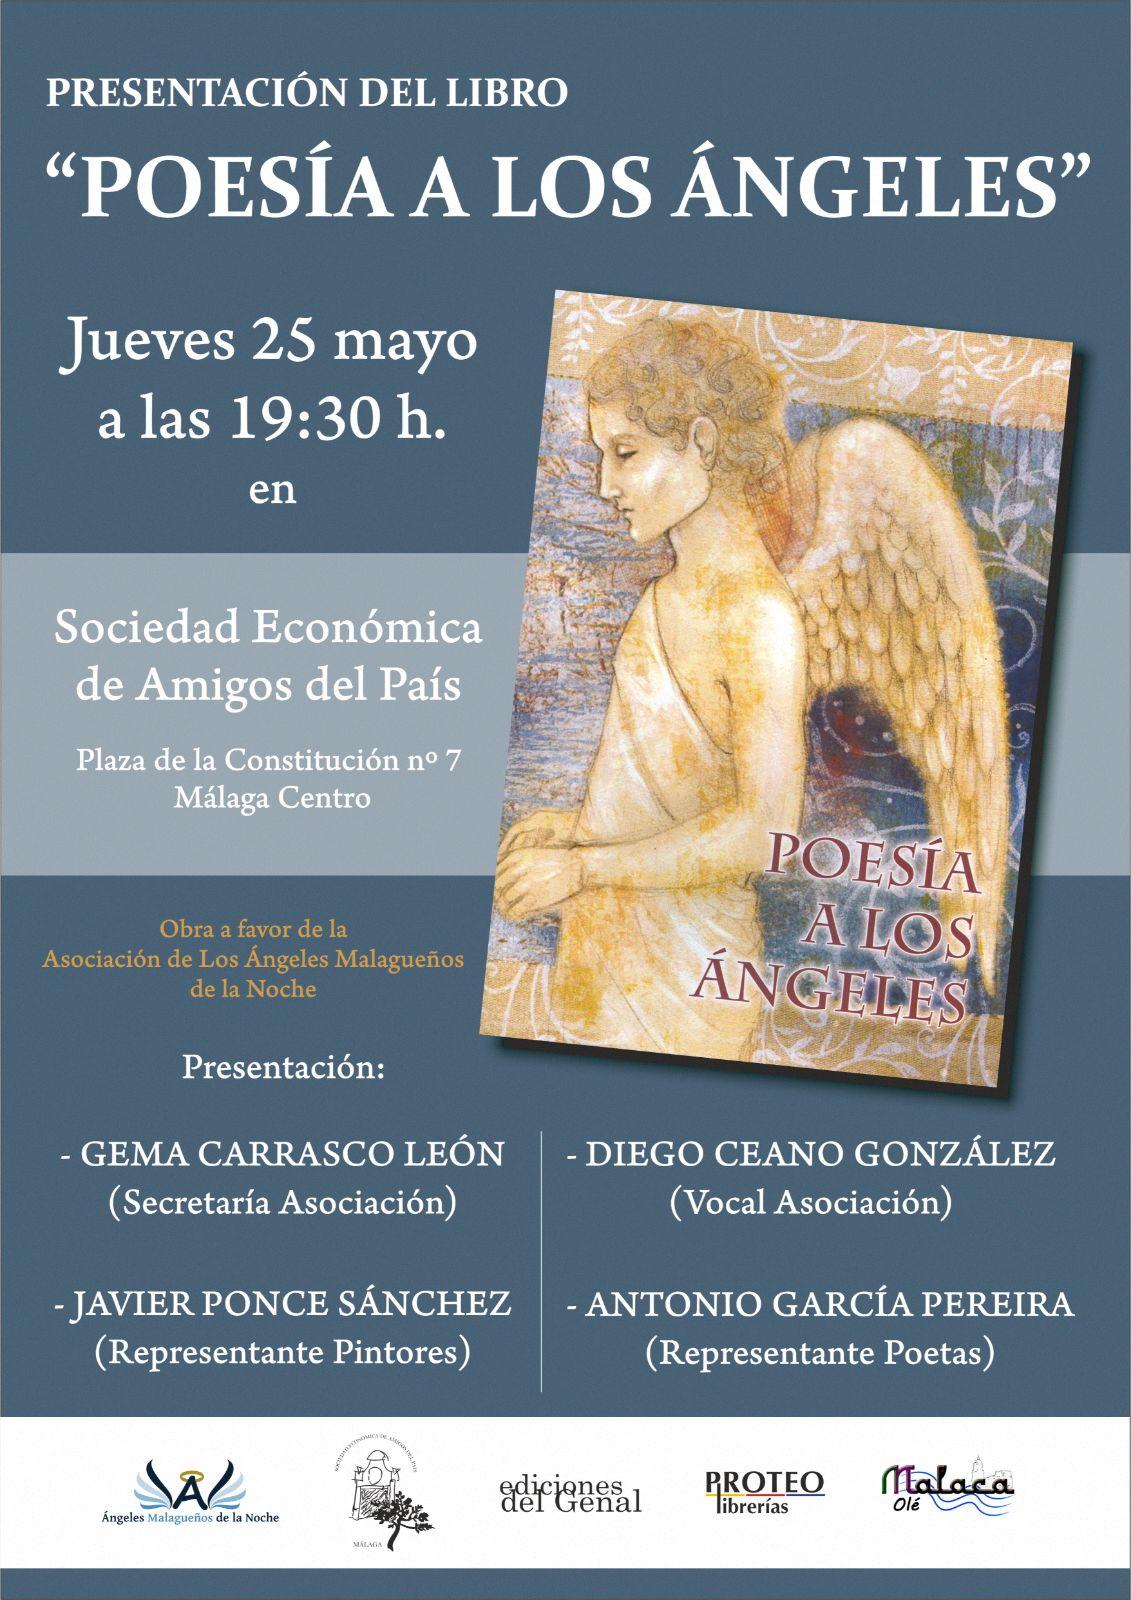 Poemas de angeles en espanol postales de poemas de amor for Poemas para bautizo